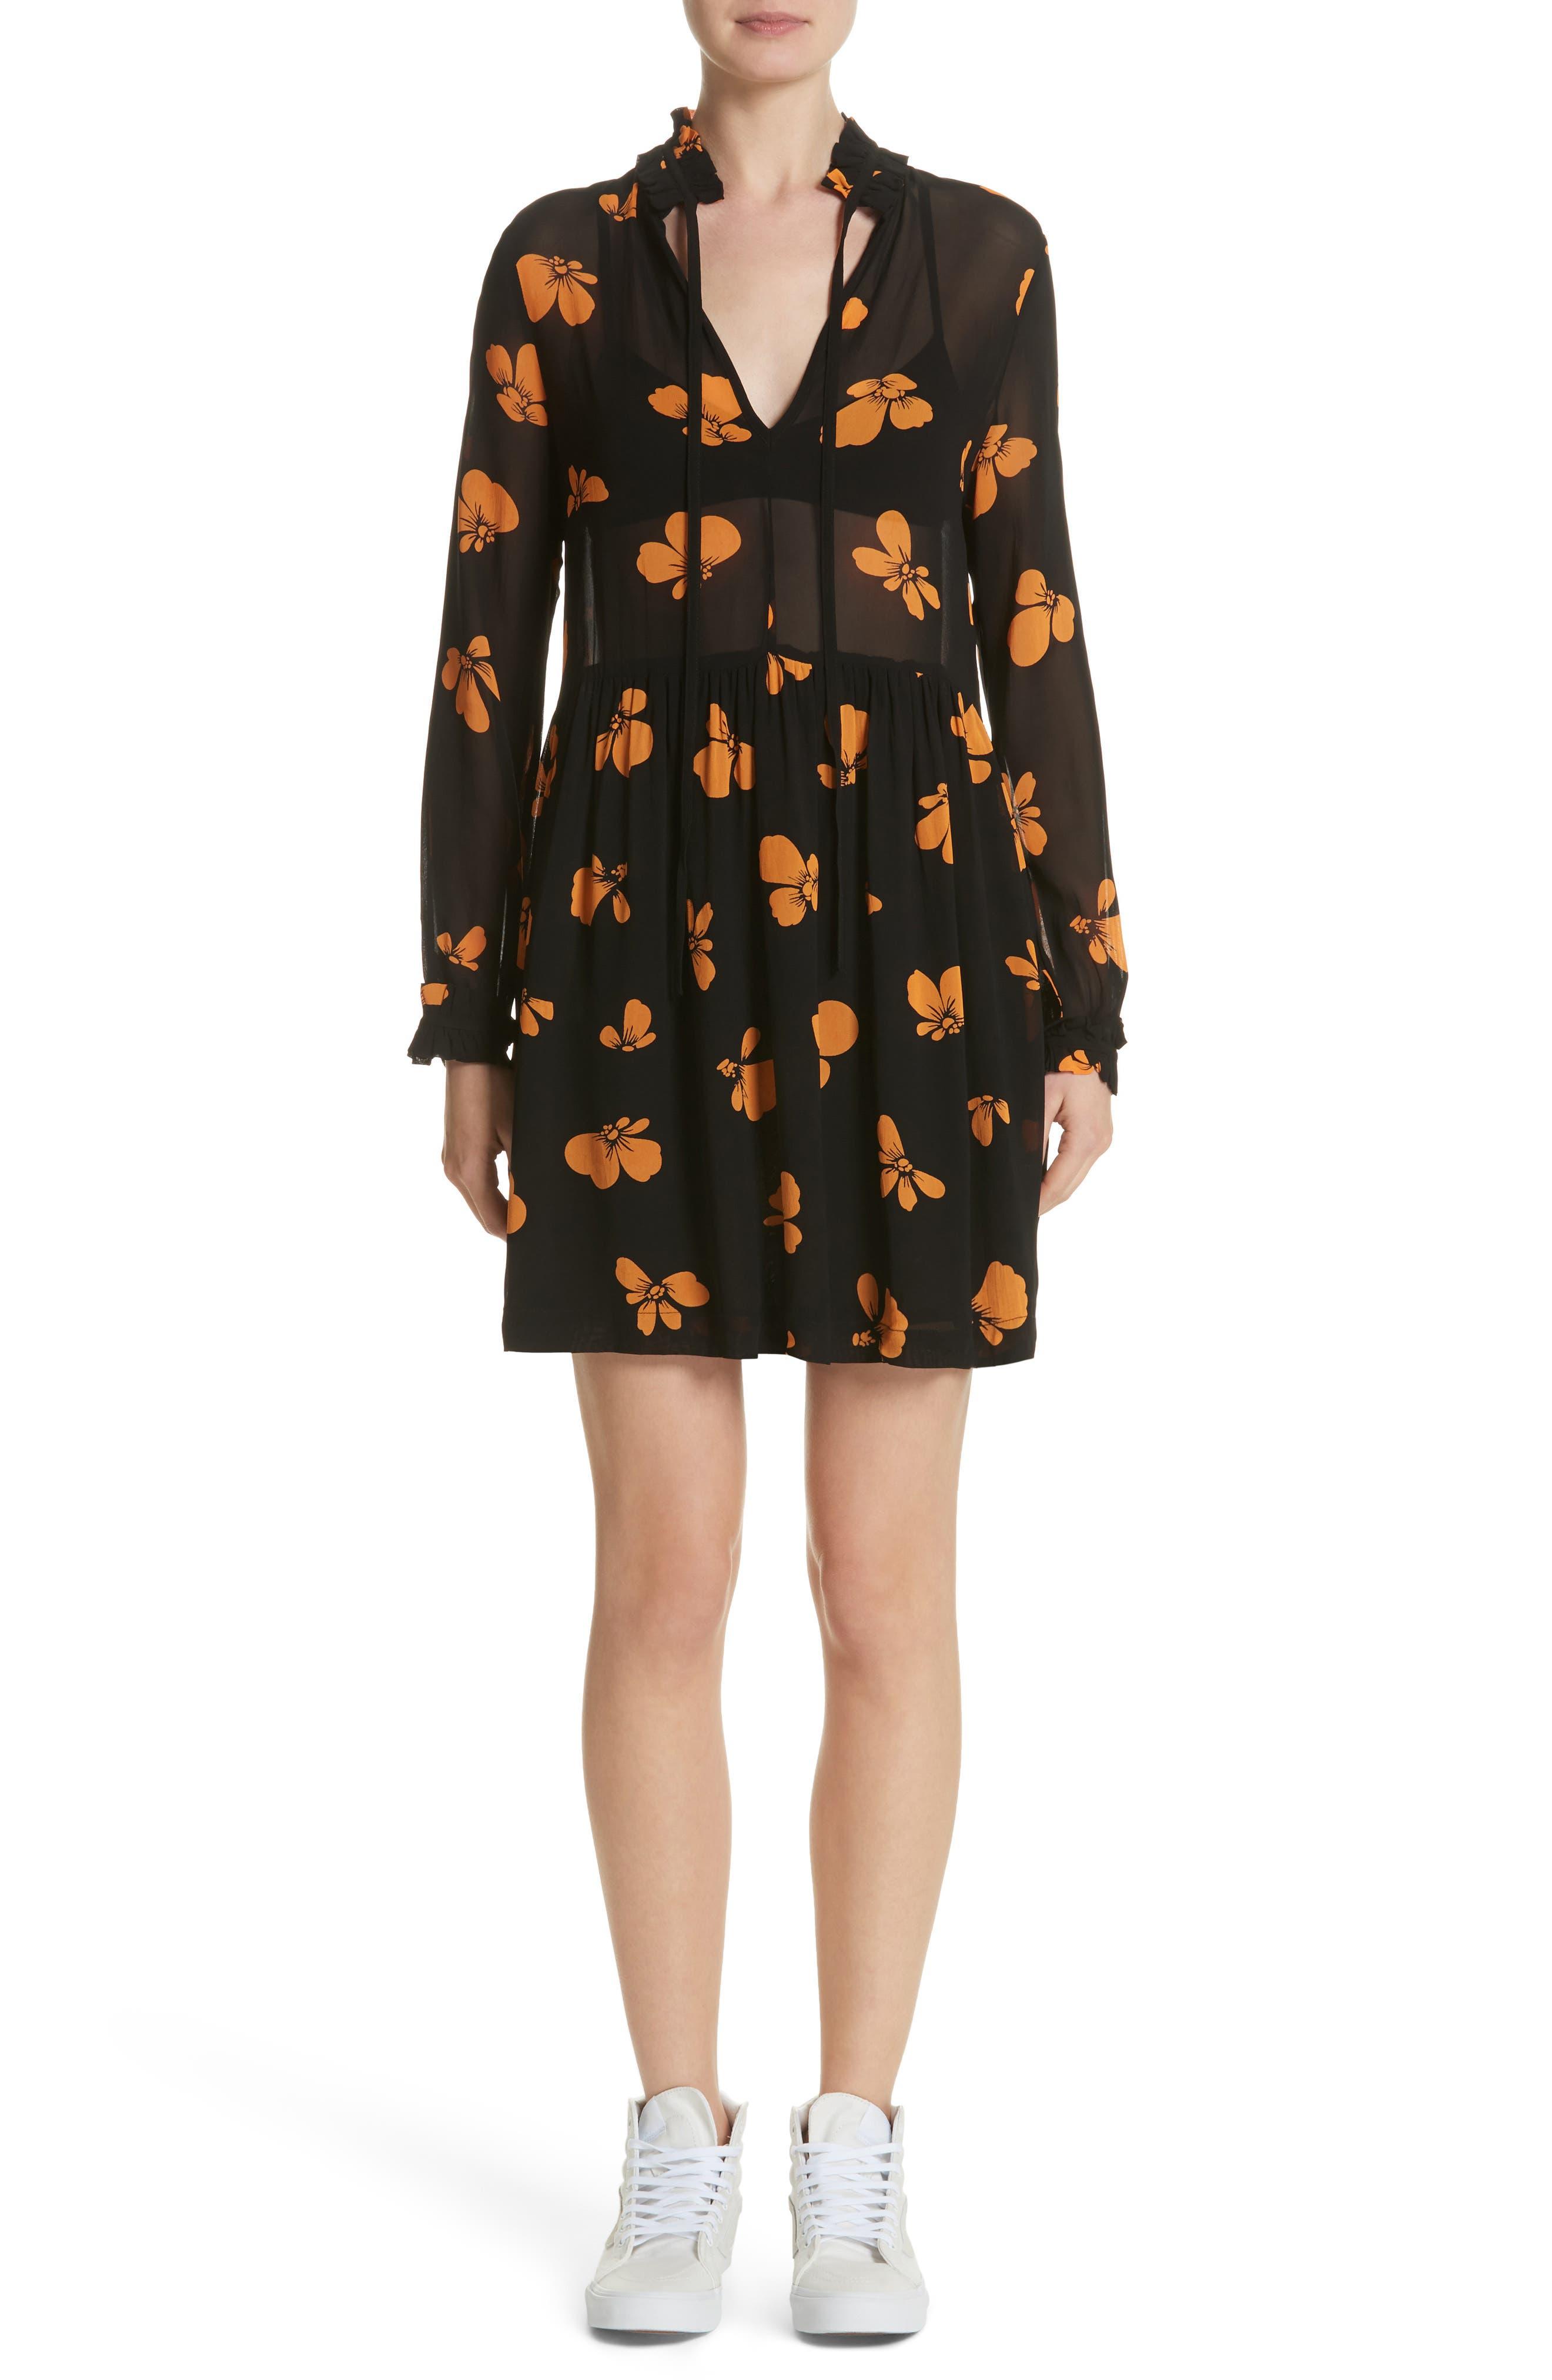 GANNI Fairfax Georgette Dress